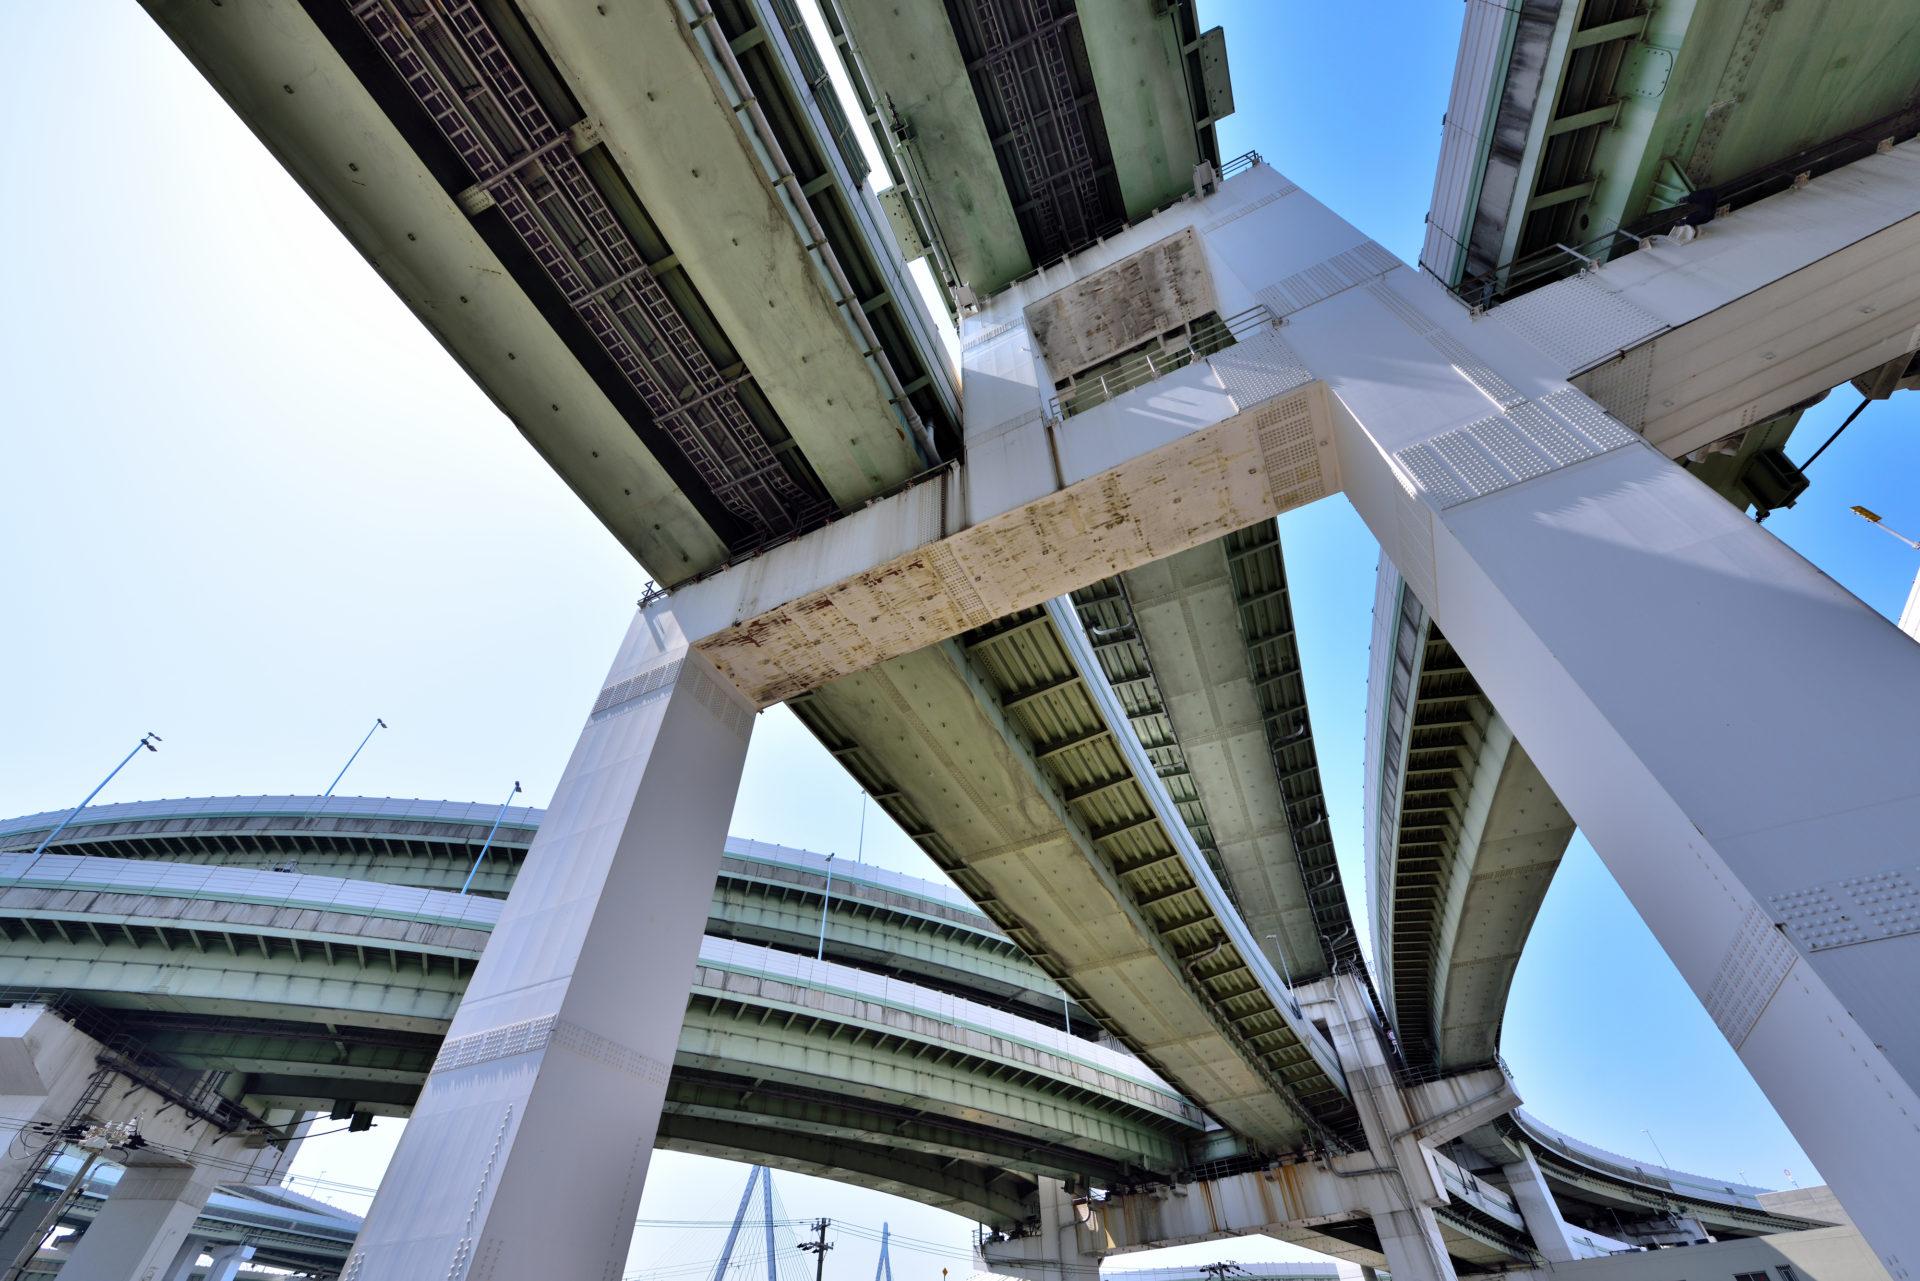 技術講演会『次世代インフラと高速道路の未来』